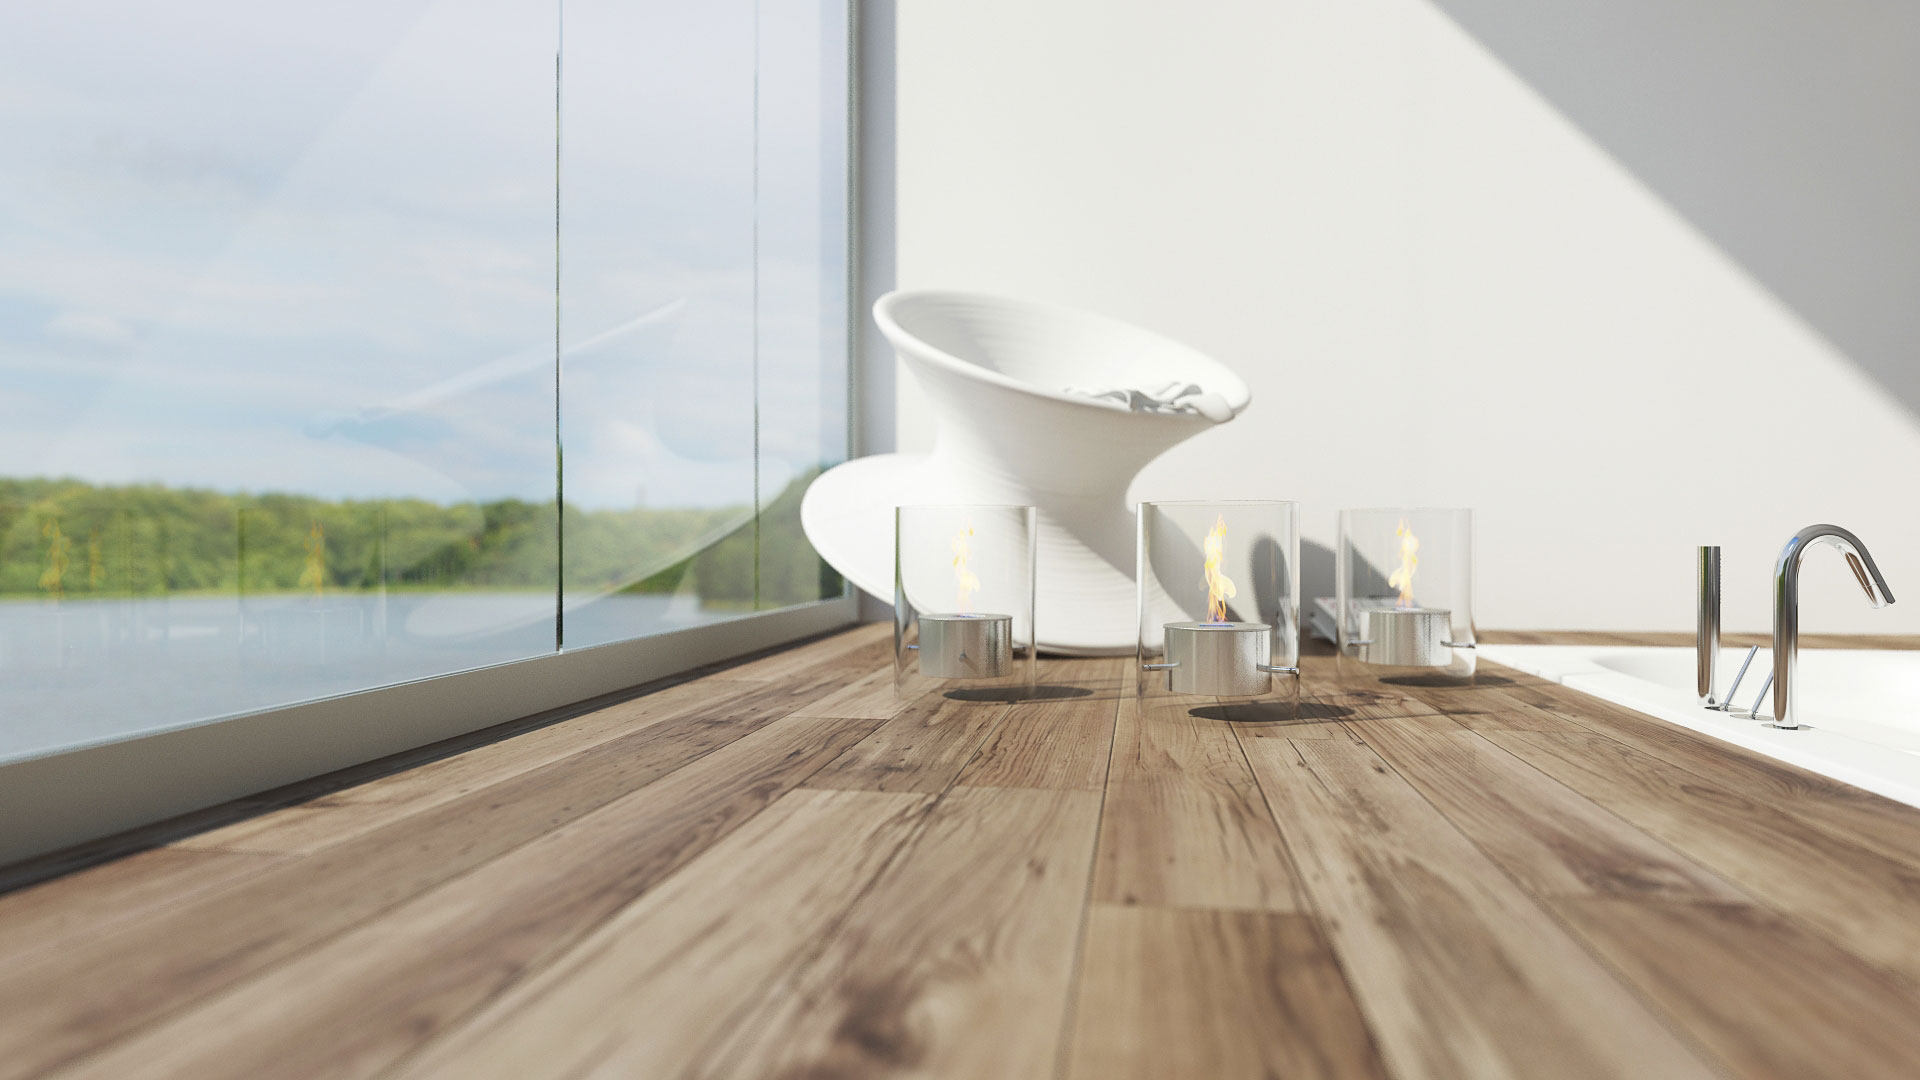 image 3d photo realiste, salle de bain photorealiste, Rocking chair Spunchair - Magis, fauteuil spunchair, fauteuil magis, profondeur de champ, 3d profondeur de champ, profondeur de champ vray, image realiste 3ds max, parquet réaliste,